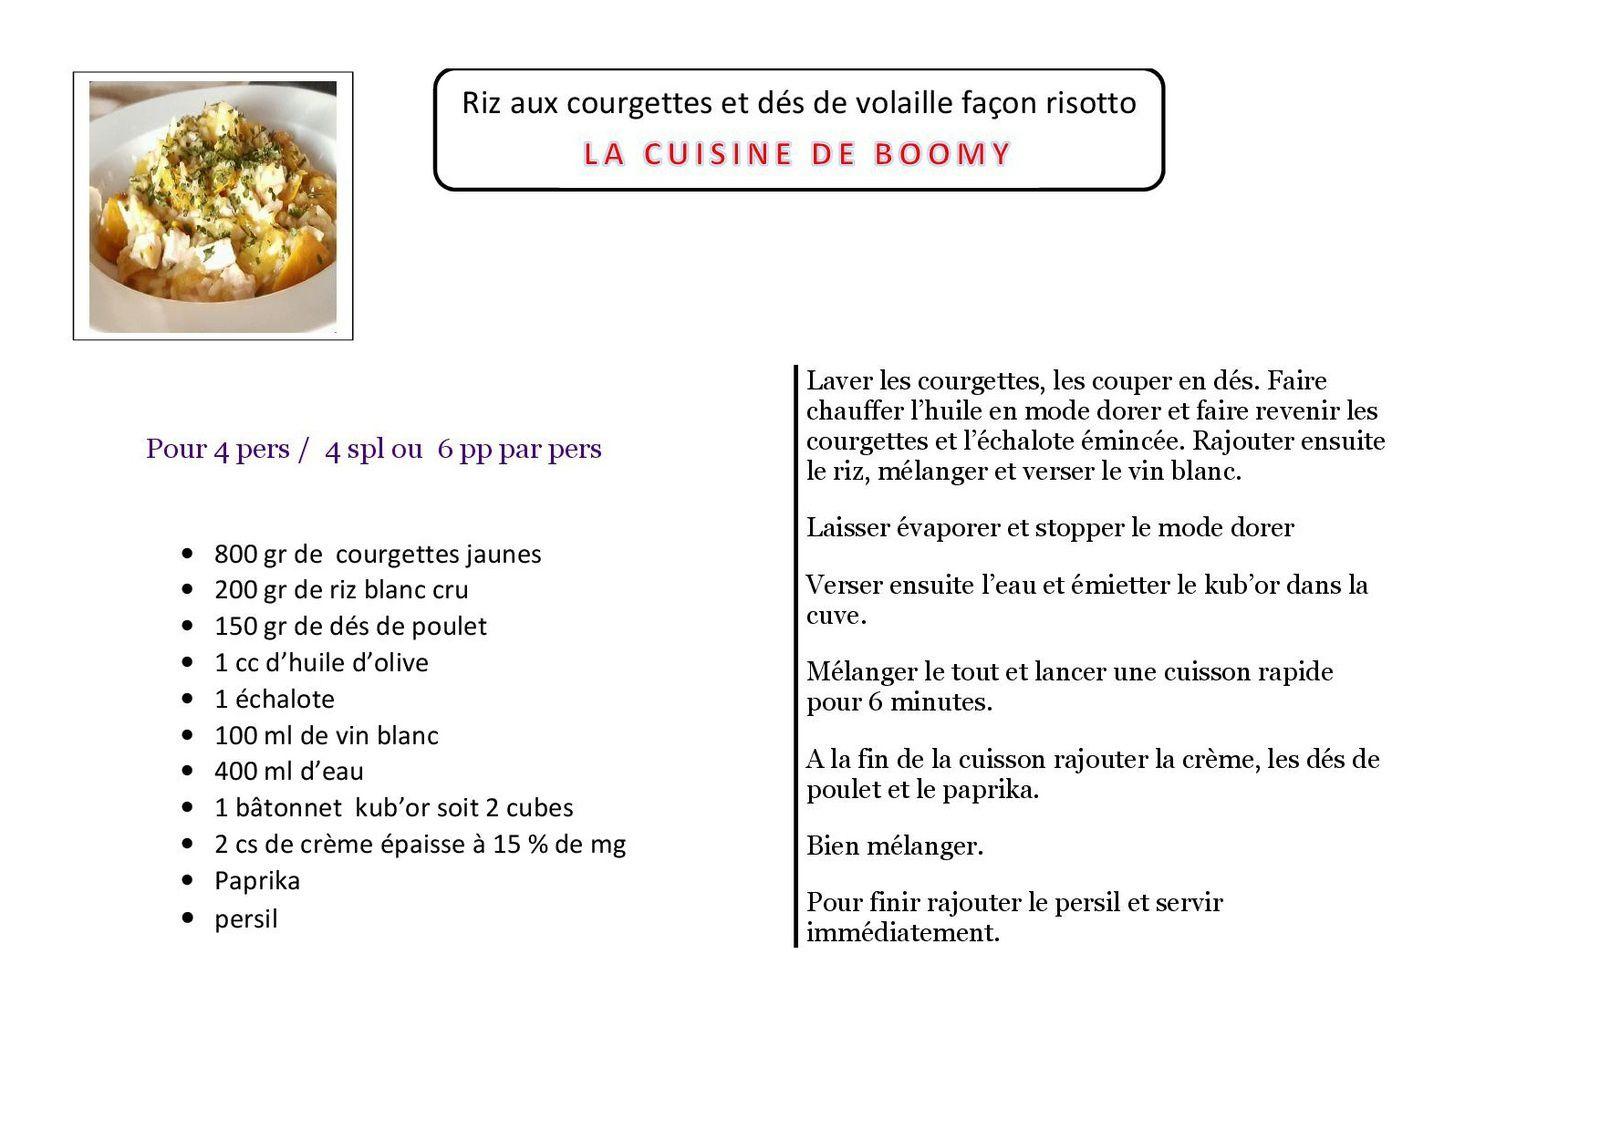 Riz aux courgettes et dés de volaille façon risotto (Cookeo)